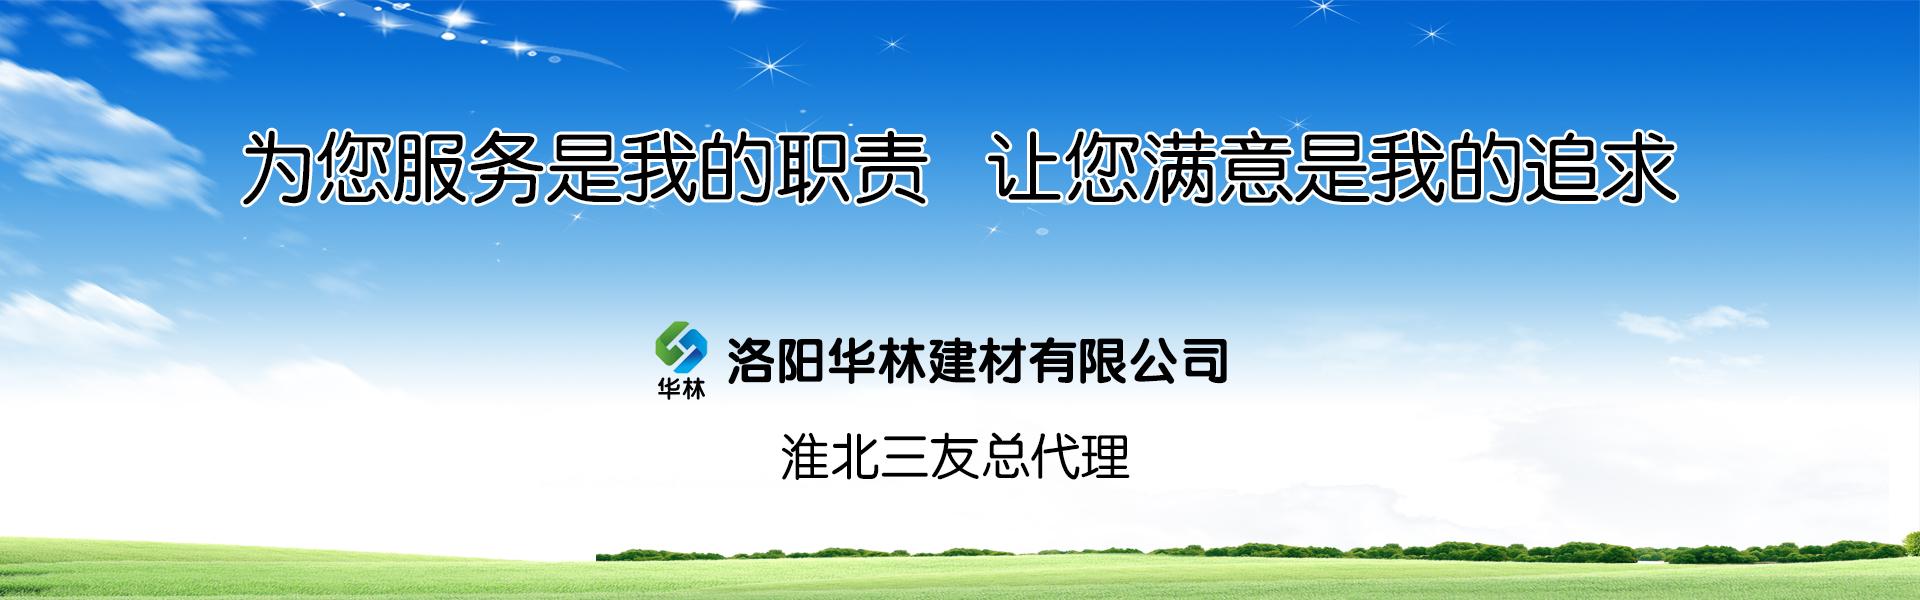 科學技術是第一生産力_洛陽華林建材有限公司